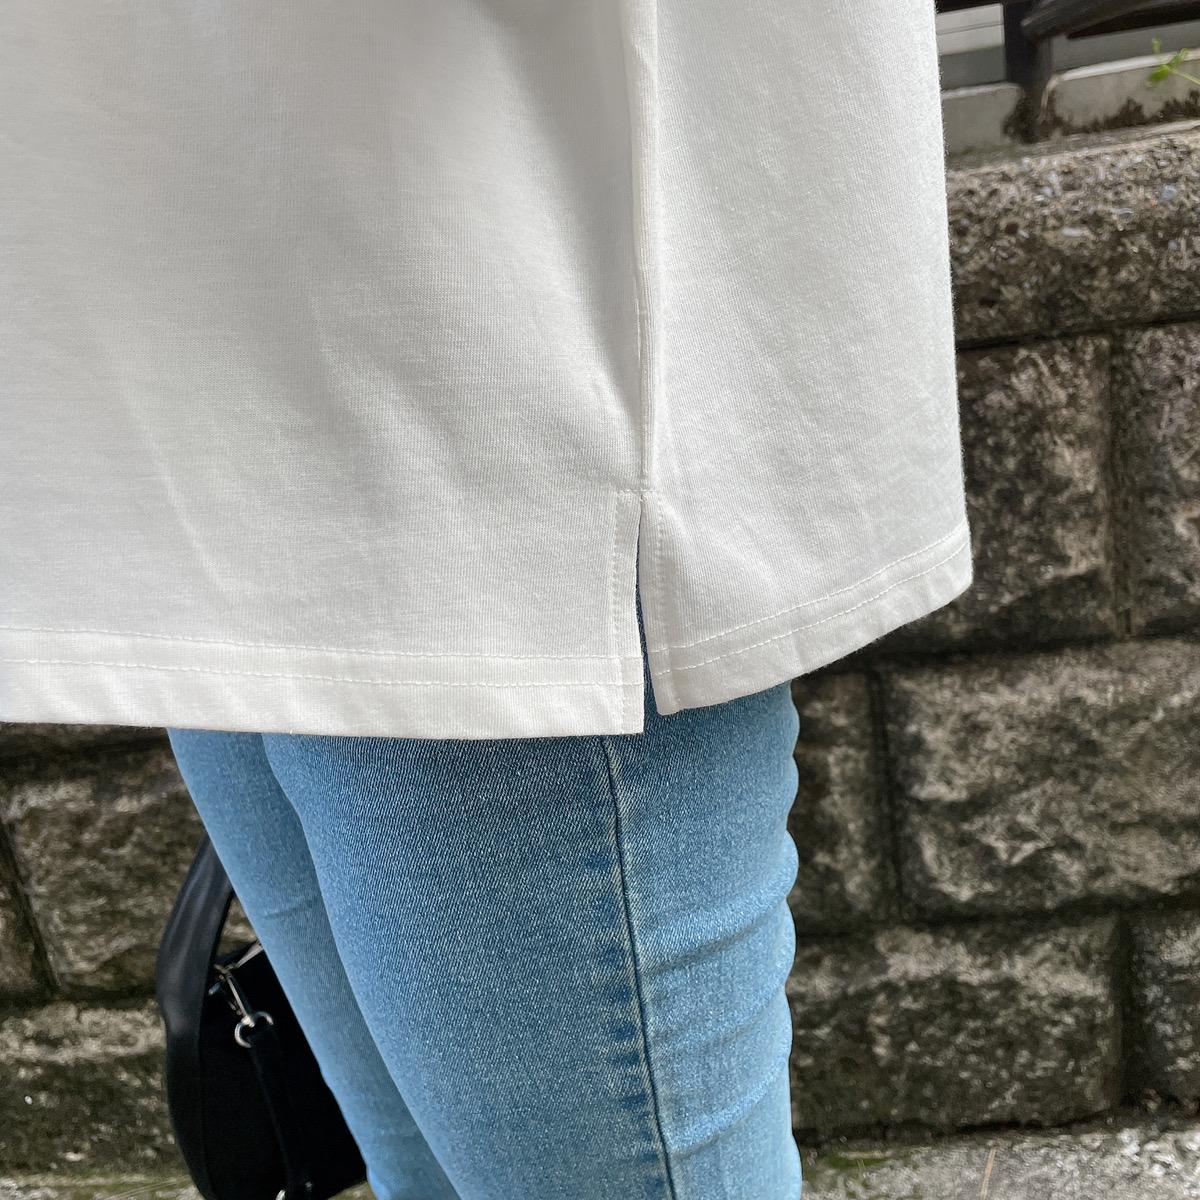 【ネコポス送料無料】Musicプリント短丈Tシャツ